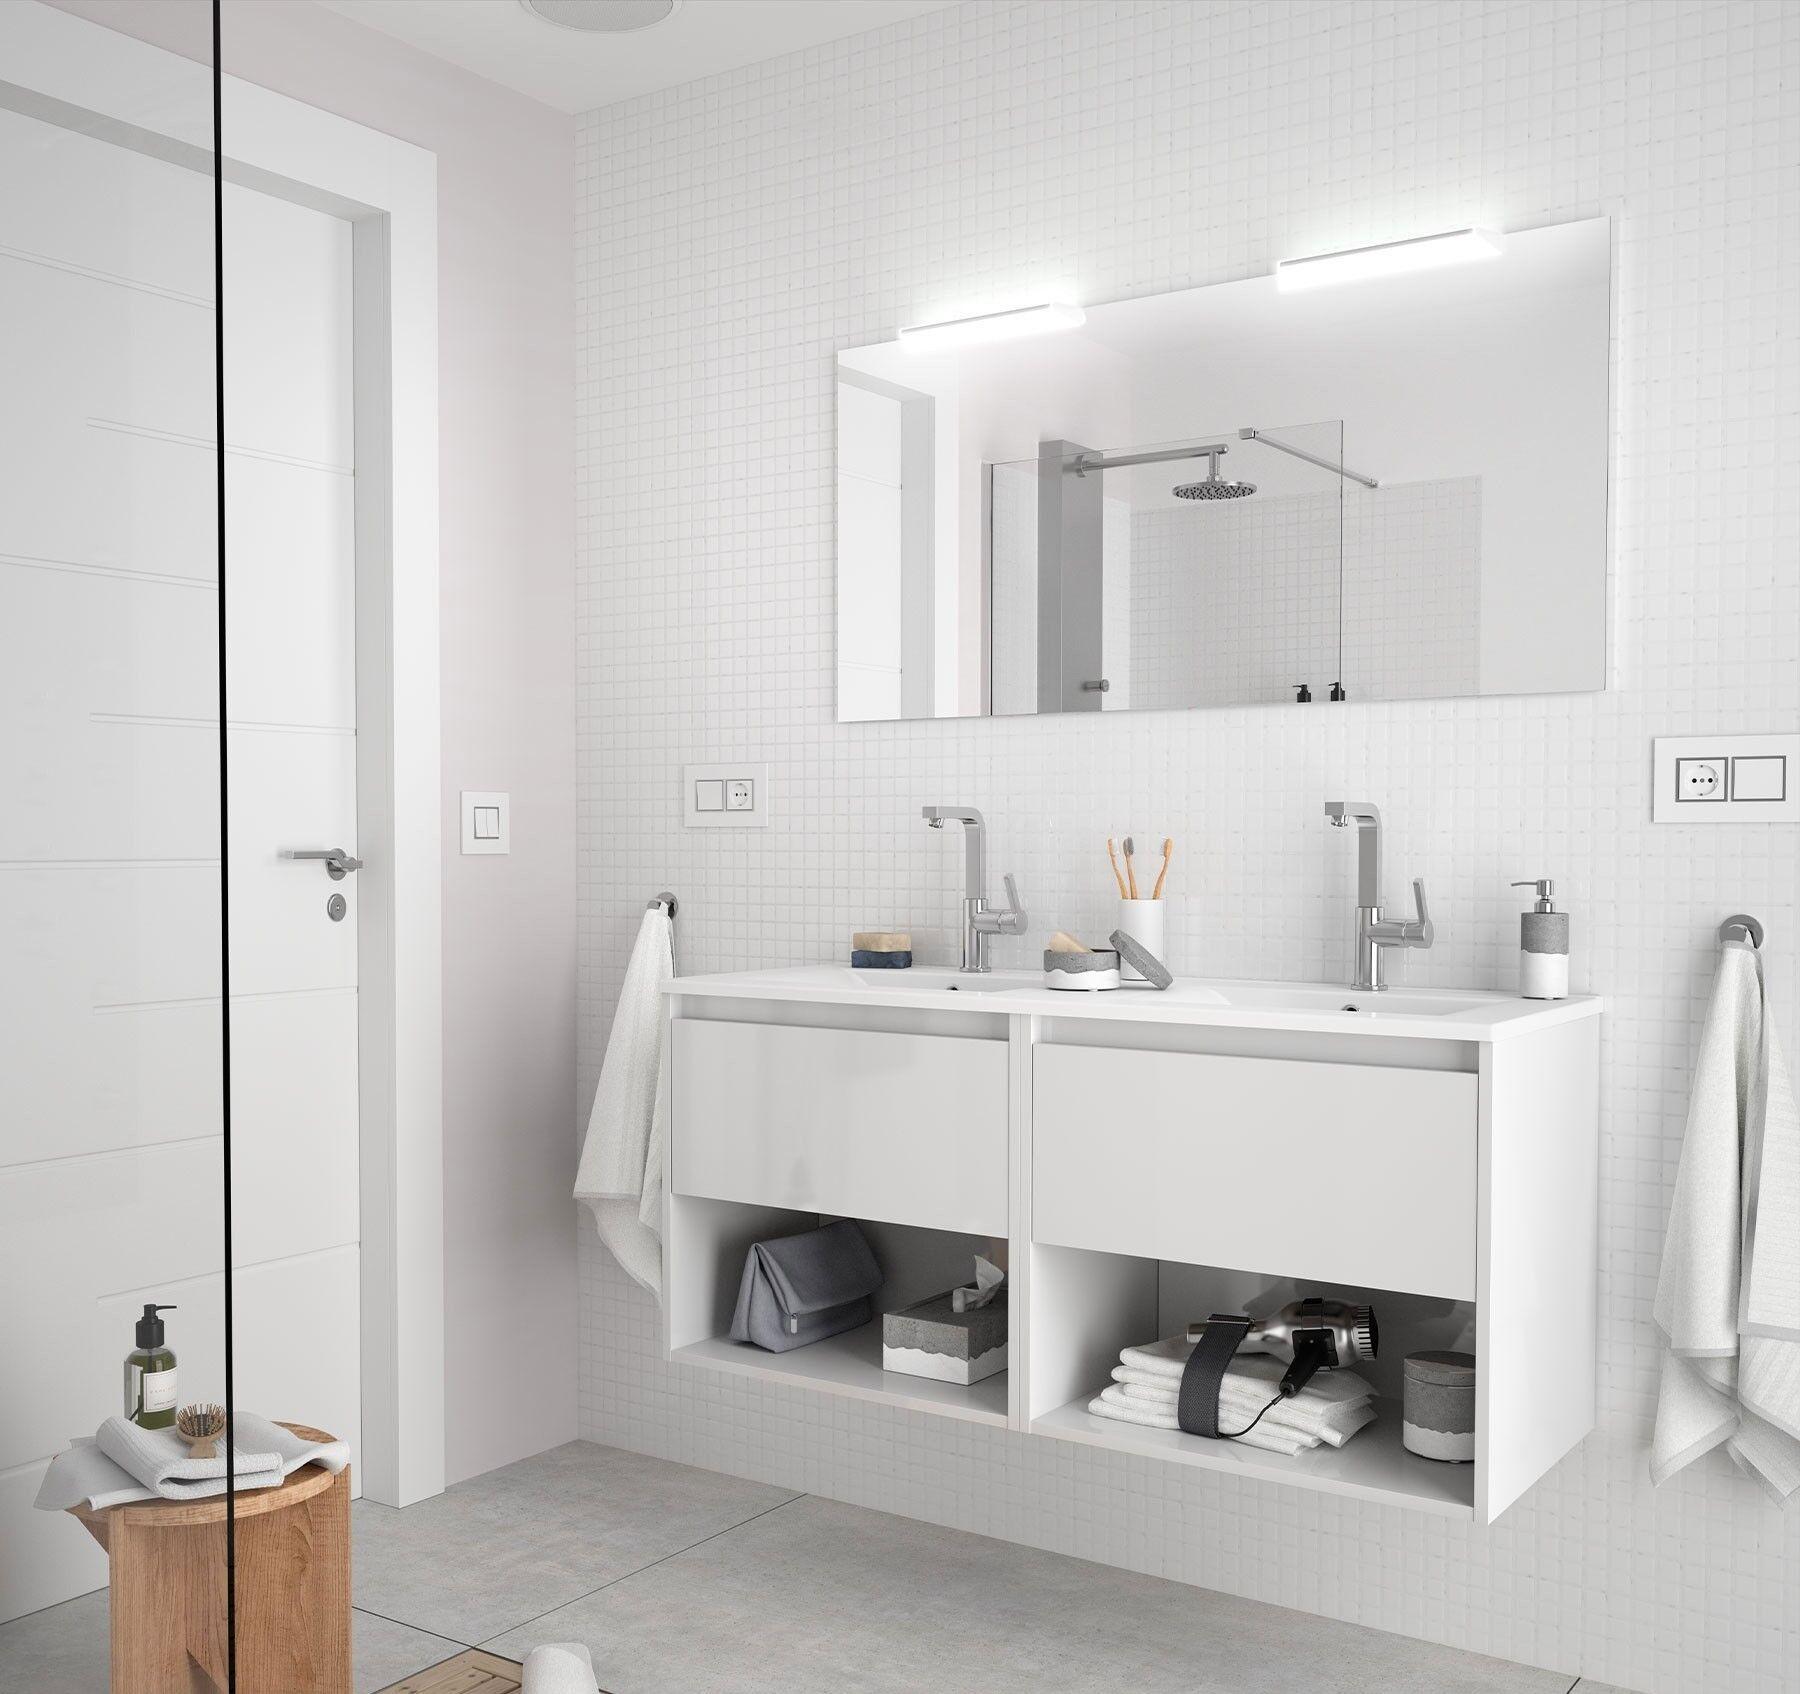 CAESAROO Meuble de salle de bain suspendu 120 cm Blanc brillant avec deux tiroirs et deux espaces   Standard - 120 cm